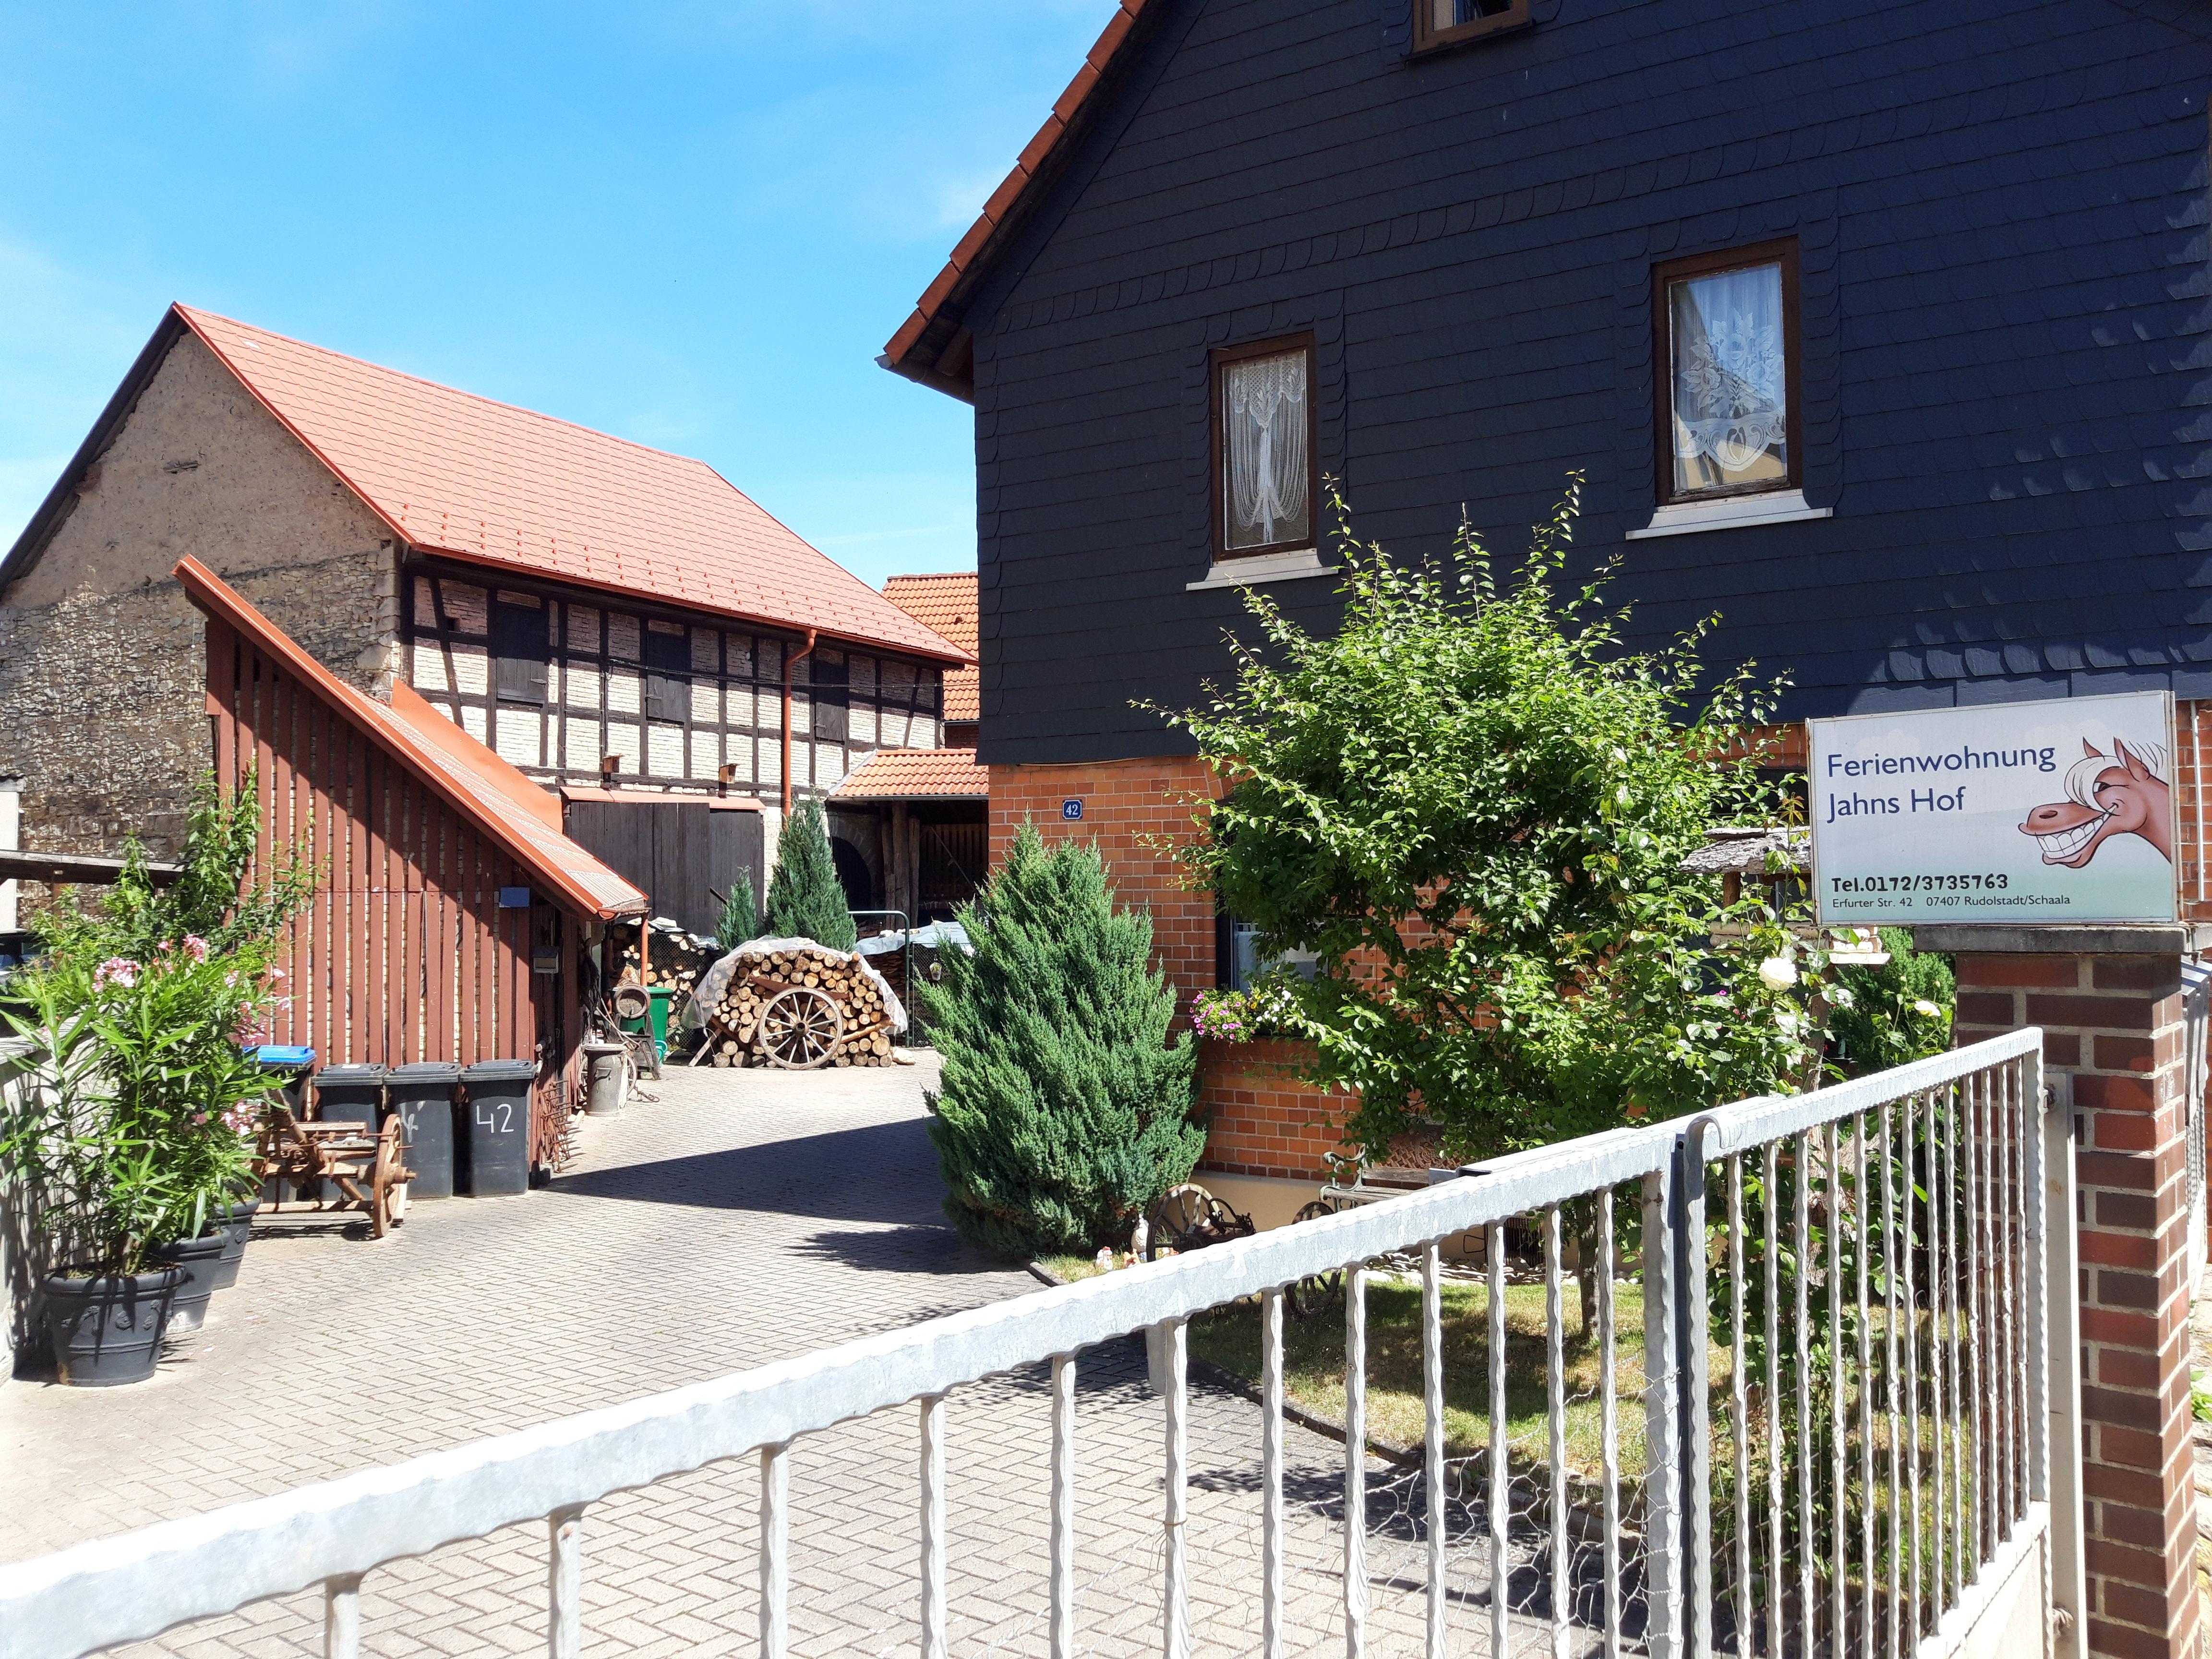 Ferienwohnung Jahns Hof (Rudolstadt). Ferienwohnun